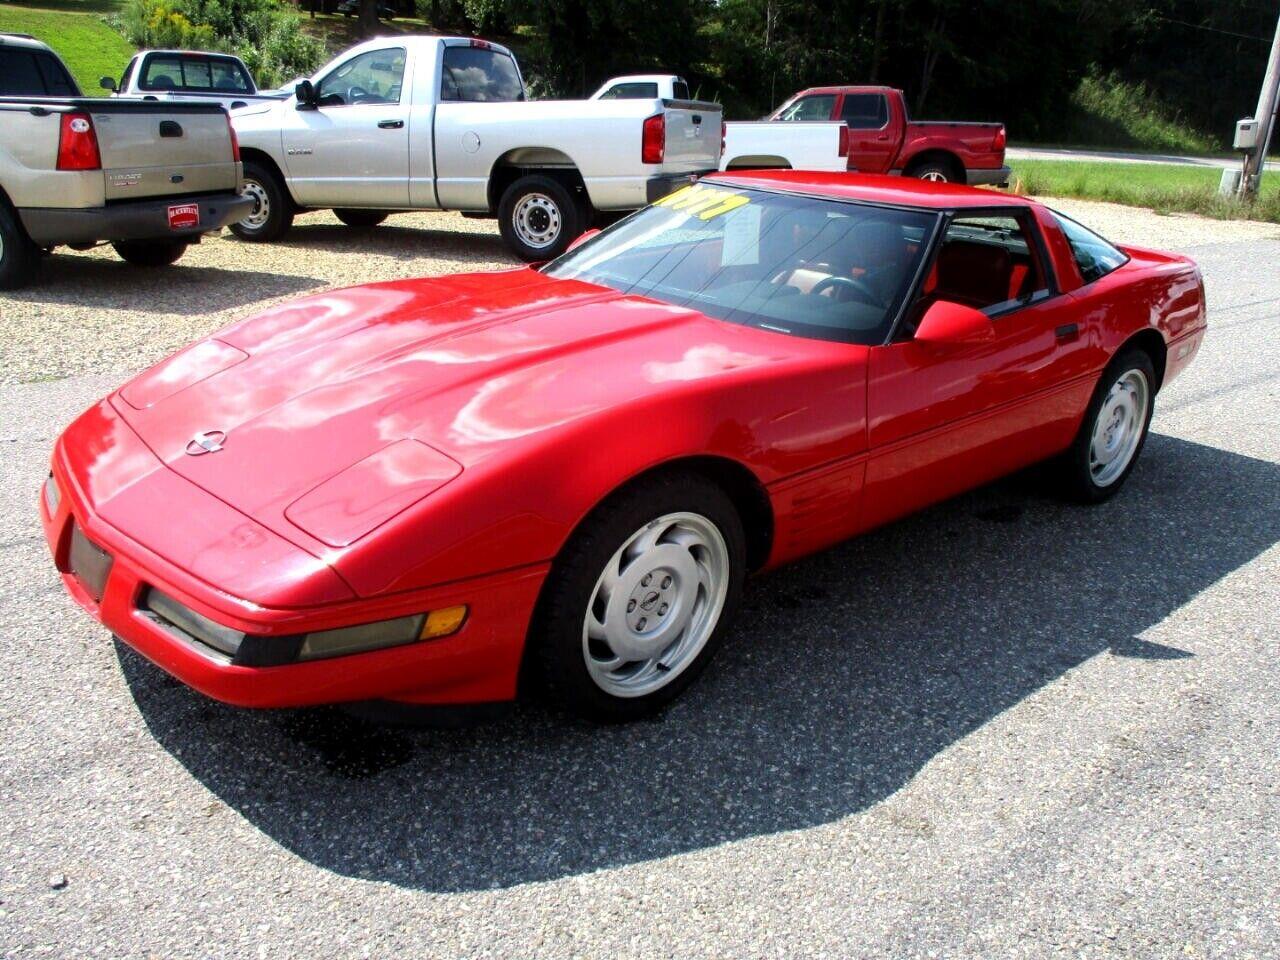 1991 Red Chevrolet Corvette Coupe  | C4 Corvette Photo 7